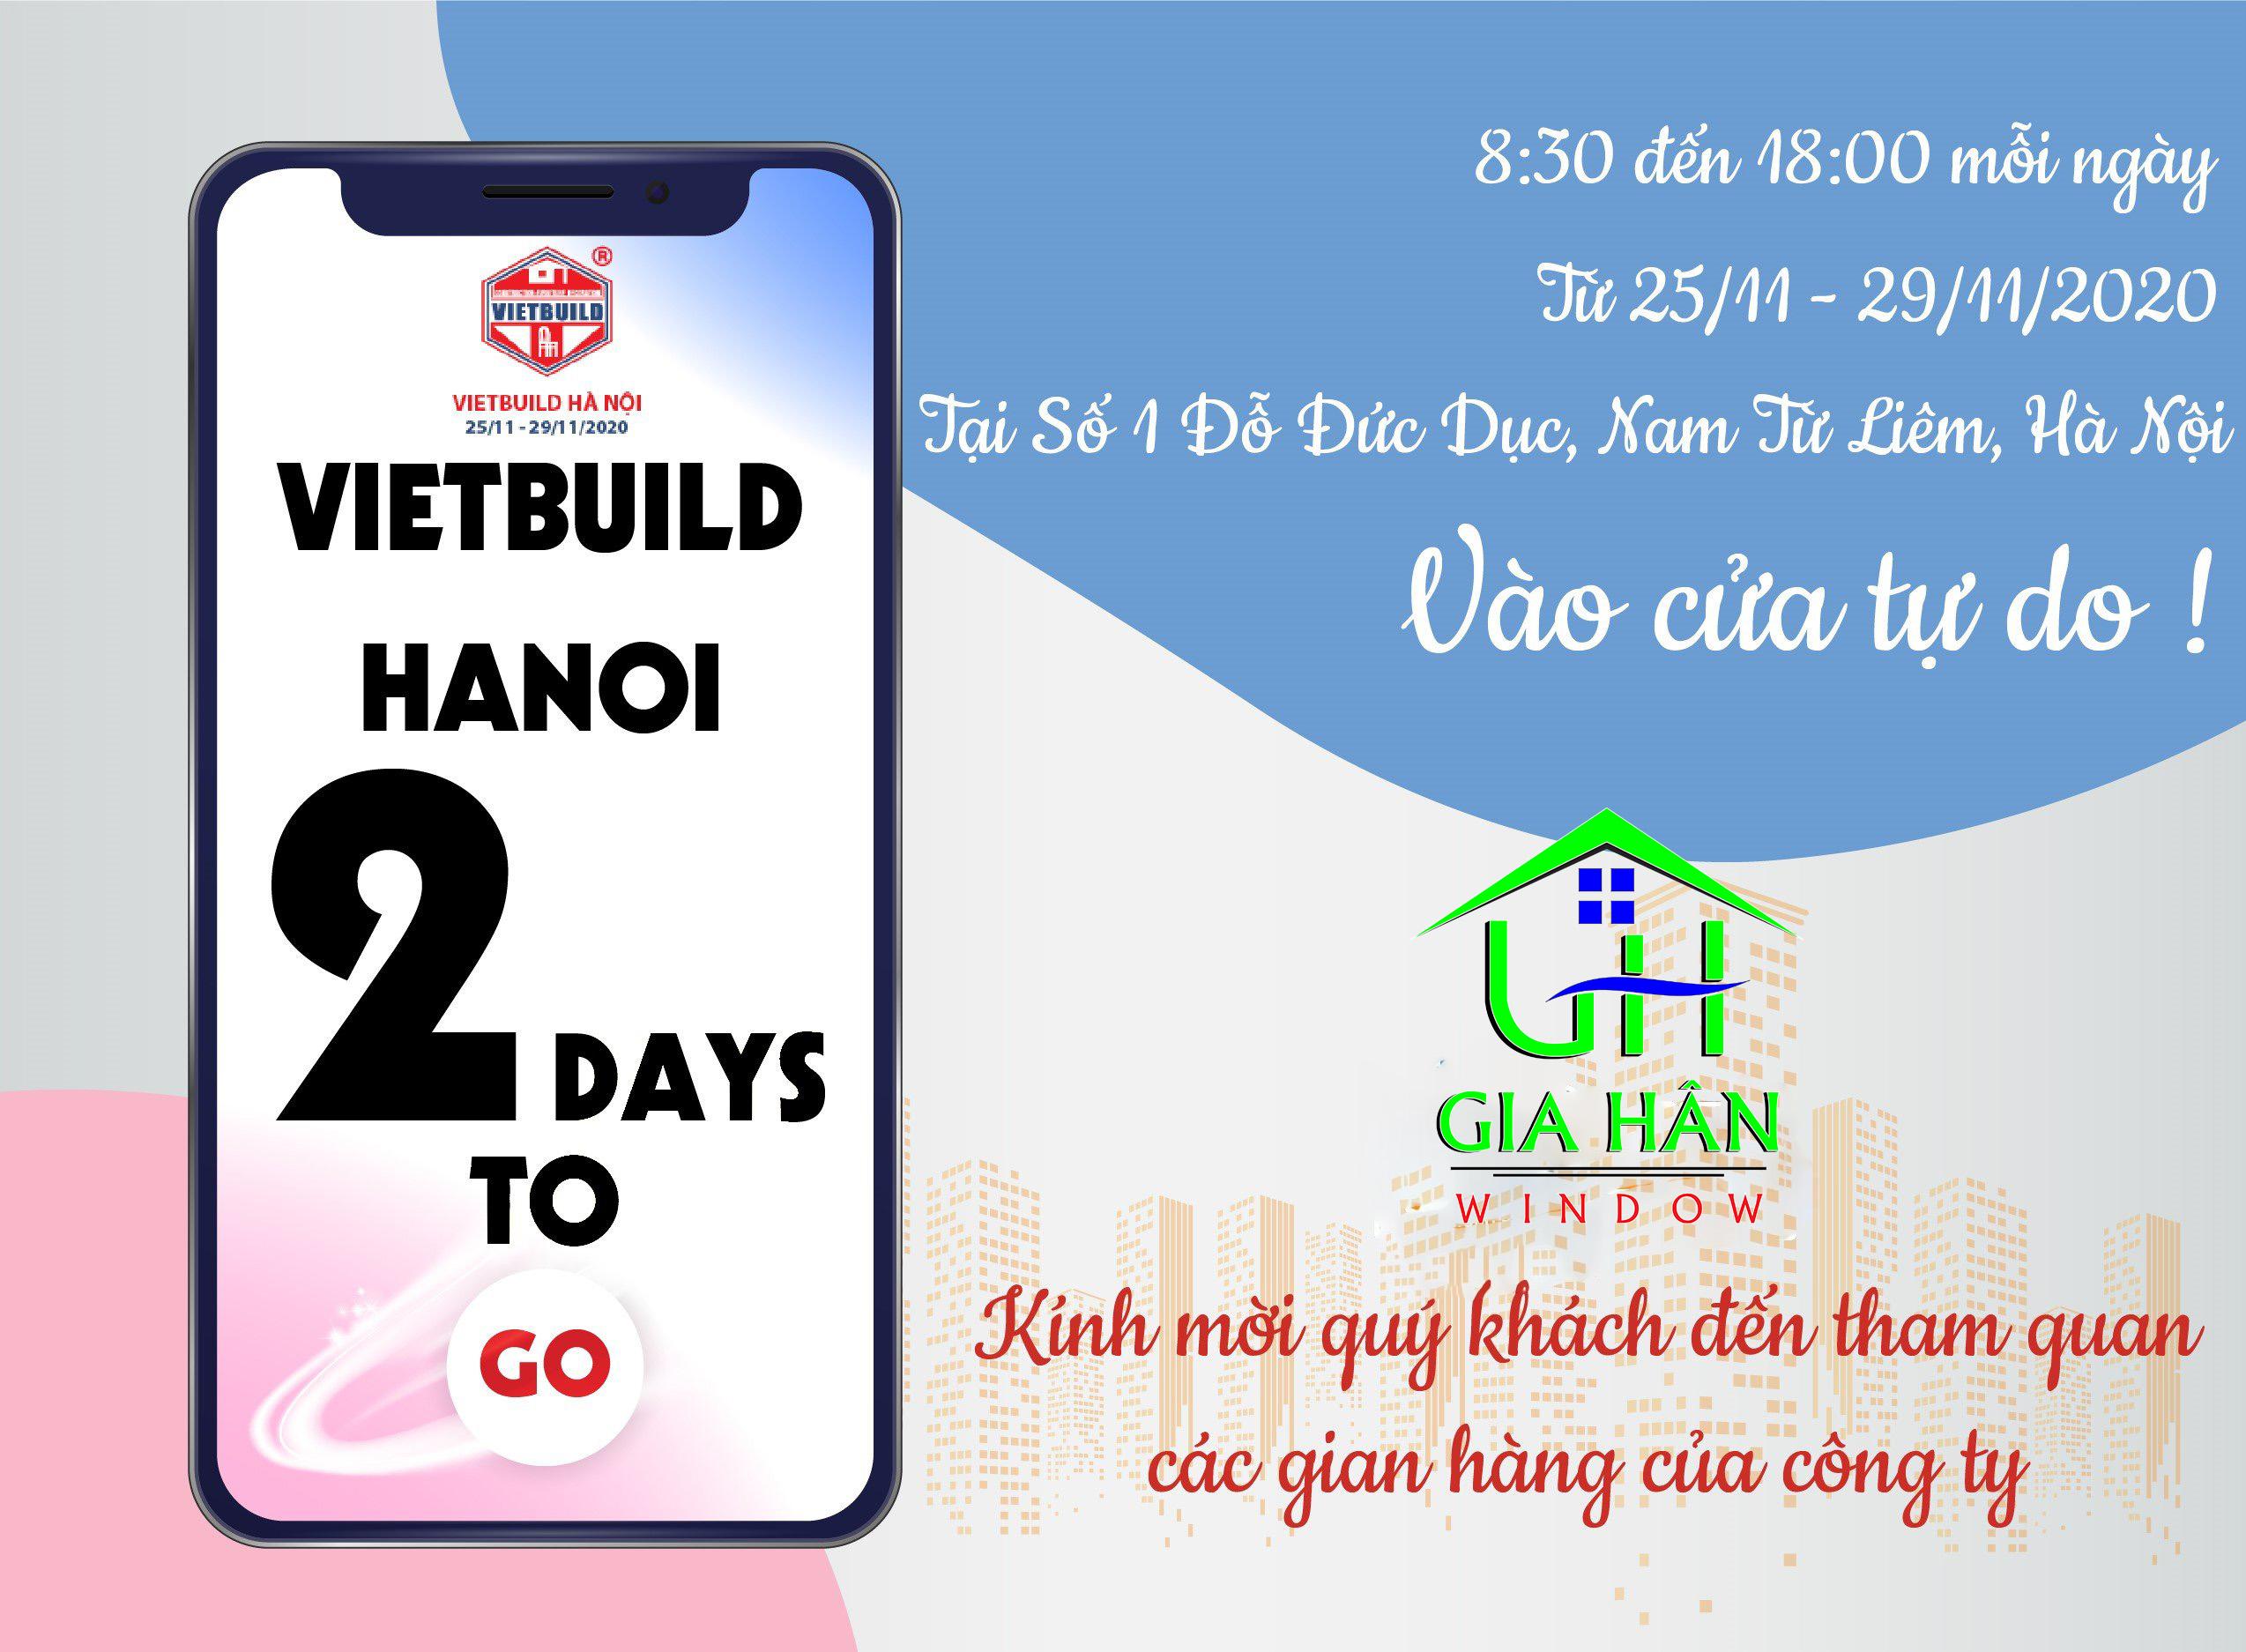 VietBuild Hà Nội lần 3 chính thức quay trở lại từ 25/11